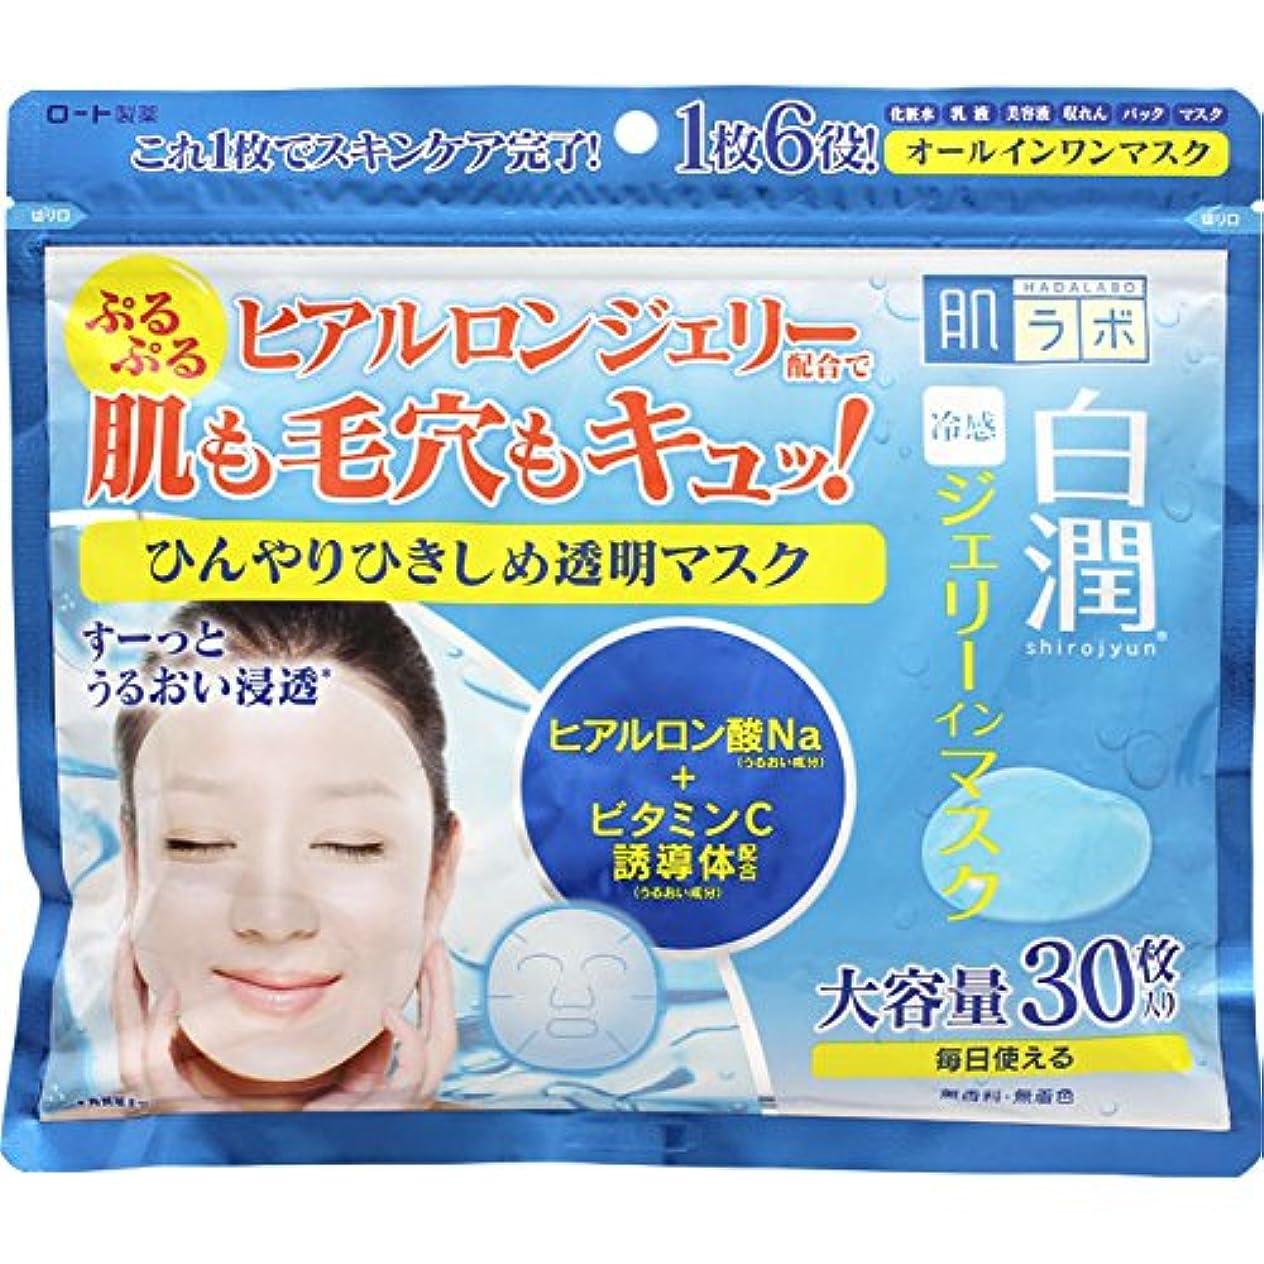 チャートシダフォーラム肌ラボ 白潤 冷感ジェリーインマスク 化粧水?乳液?美容液?収れん?パック?マスクの1枚6役 大容量30枚